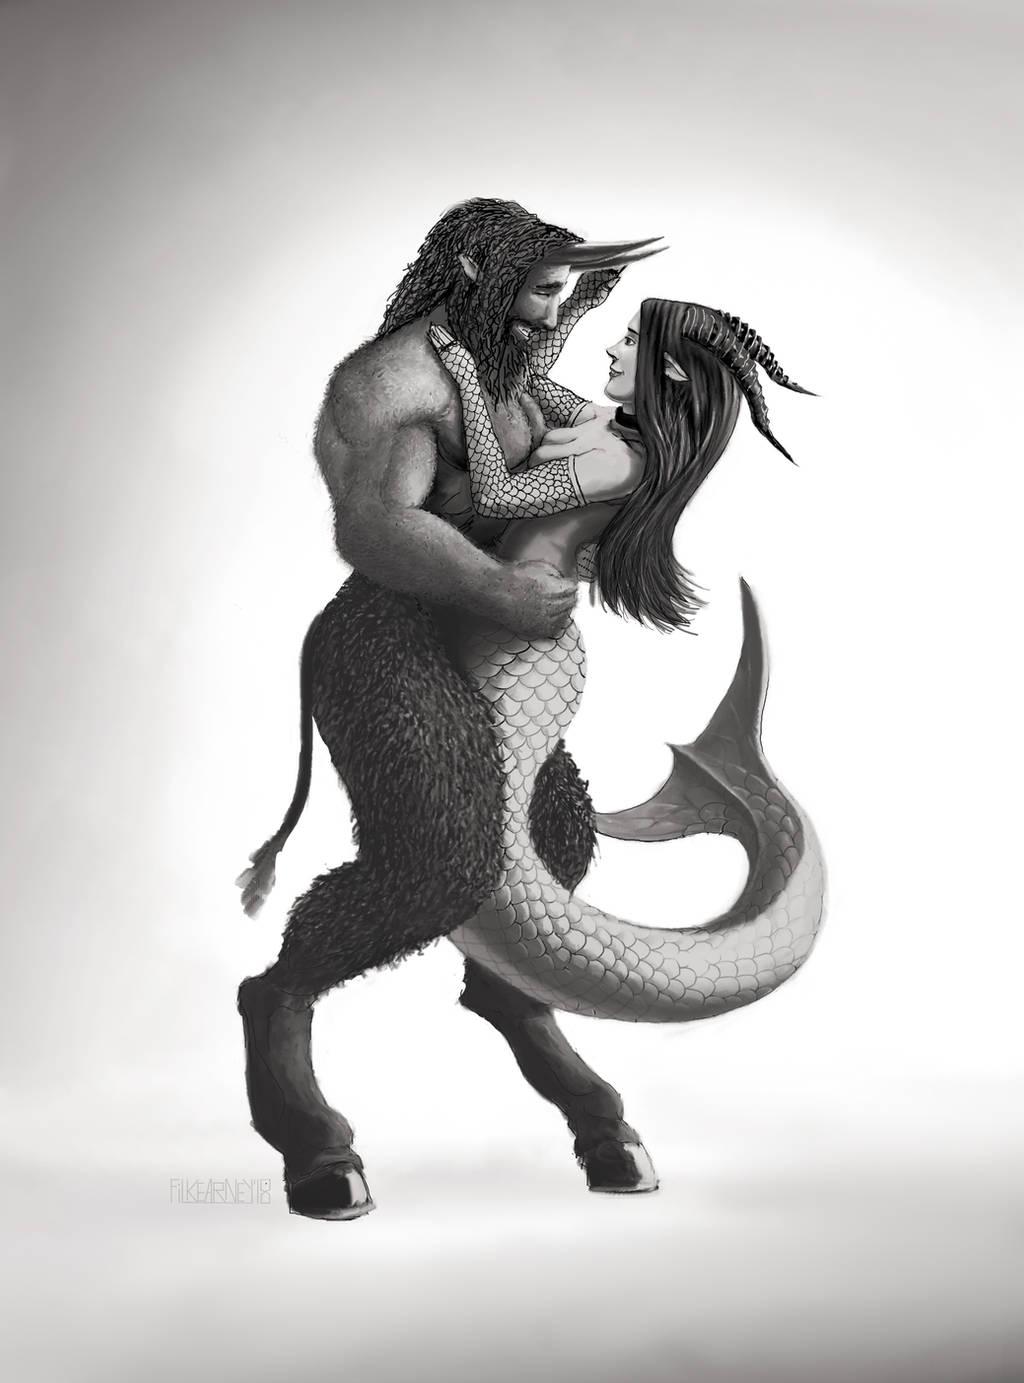 Zodiac - Capricorn and Taurus by FilKearney